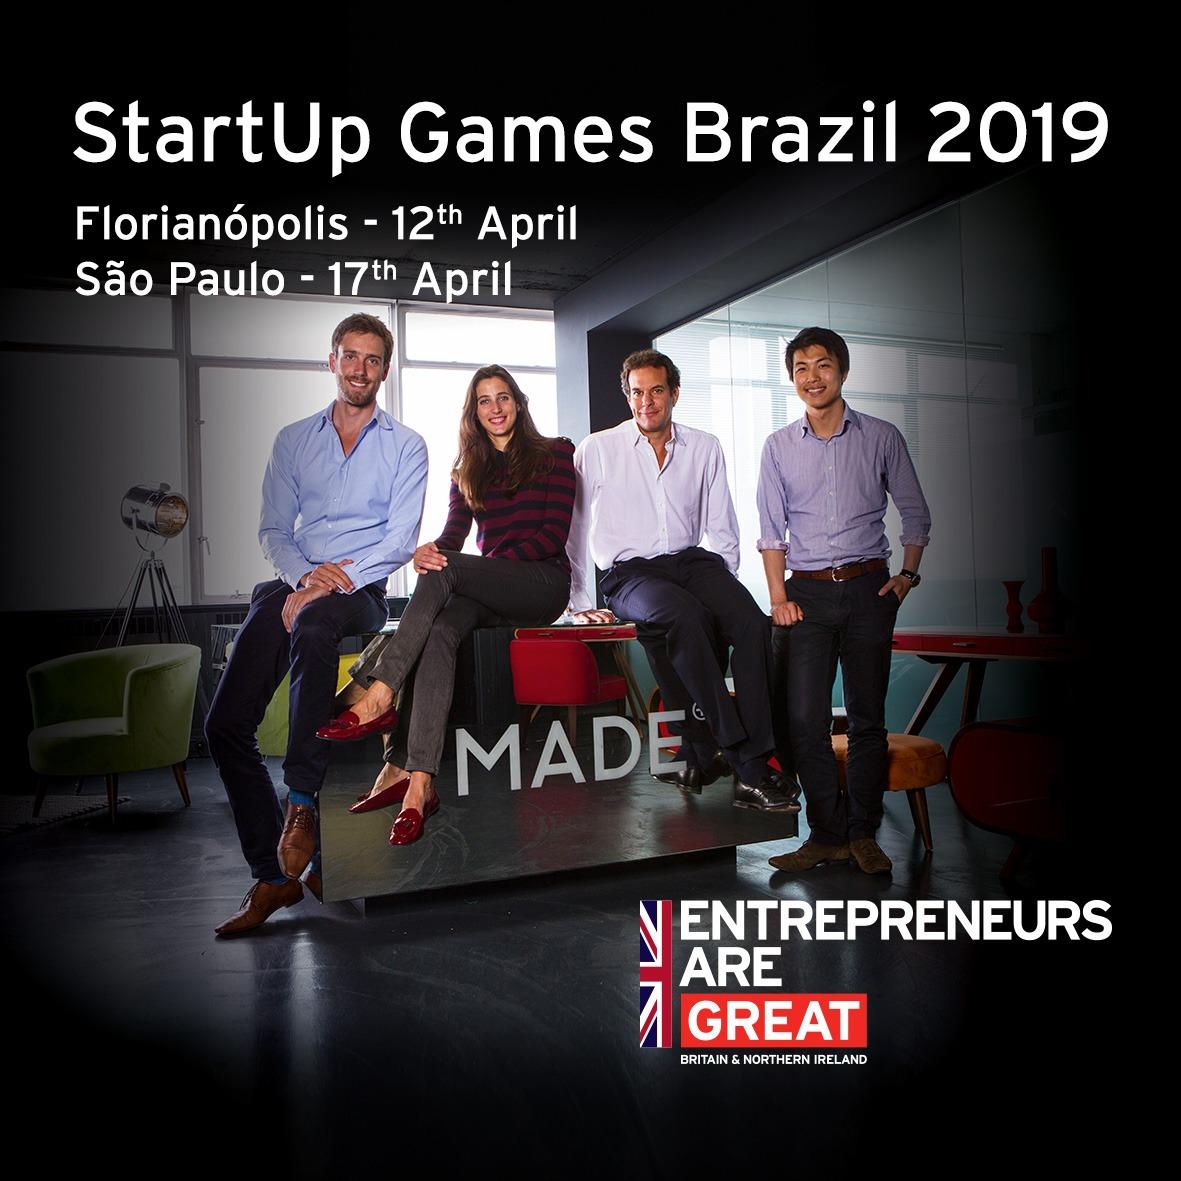 Start Up Games Brazil 2019